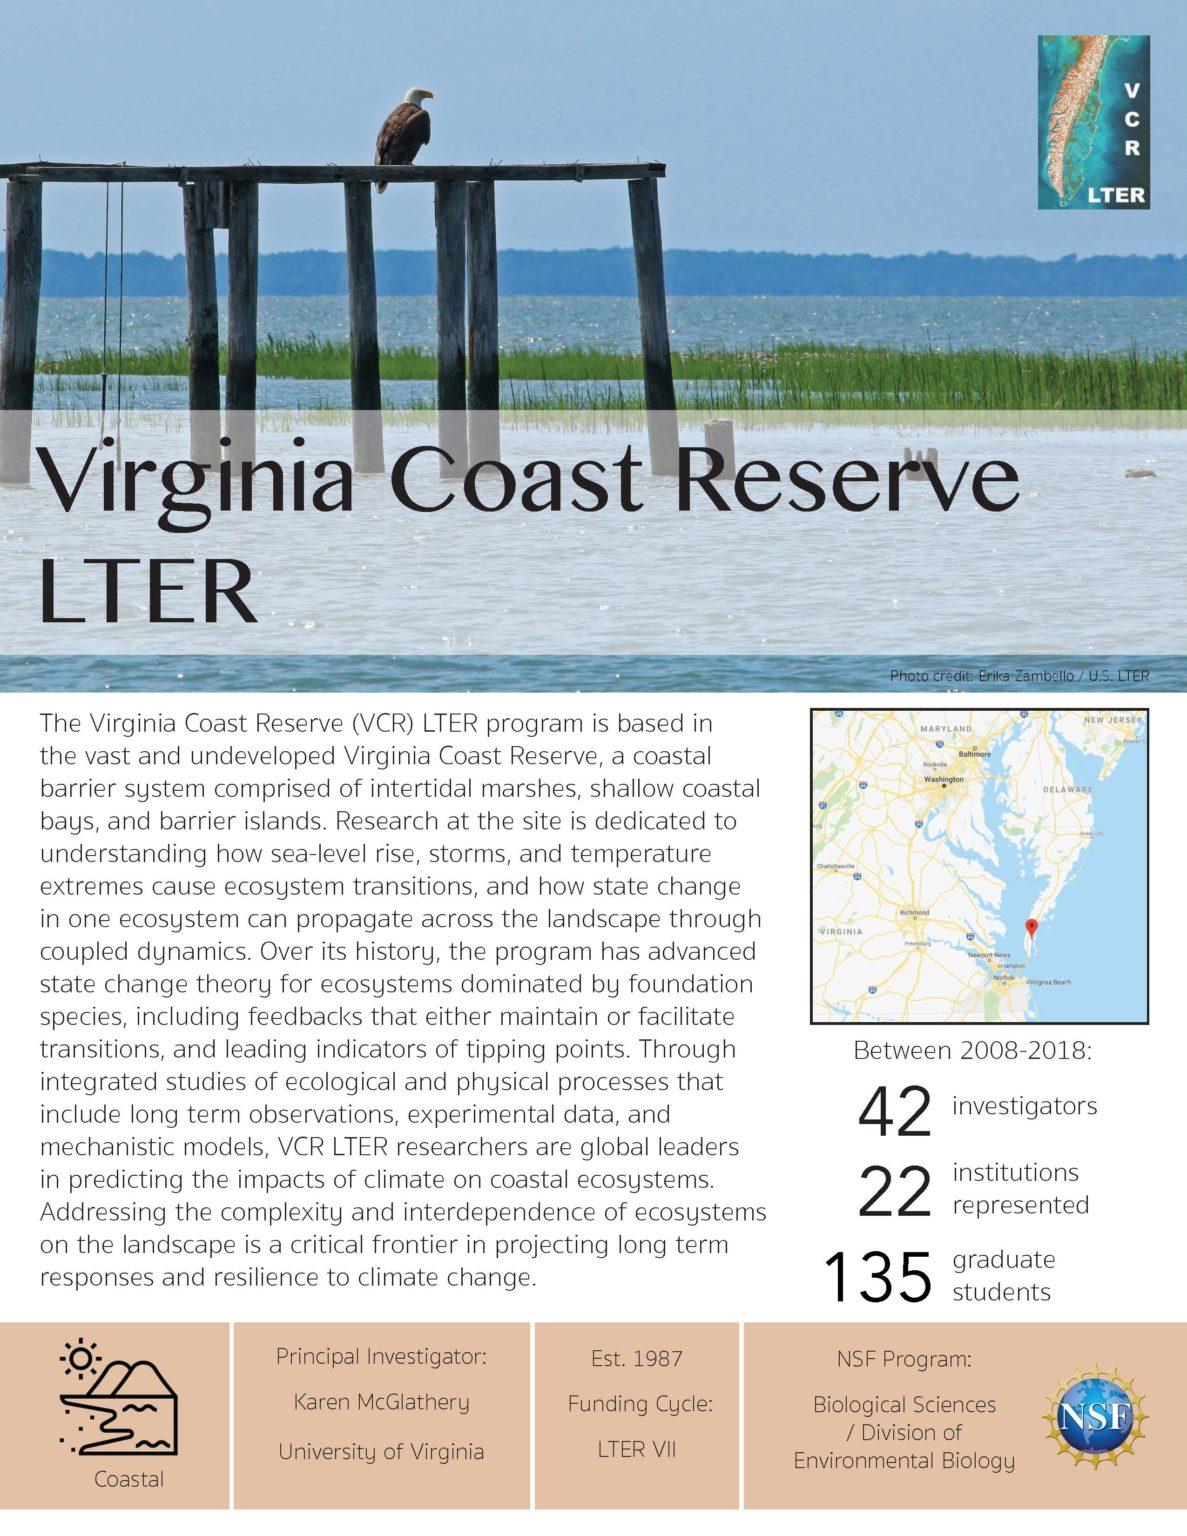 Virginia Coast Reserve LTER site brief 2019